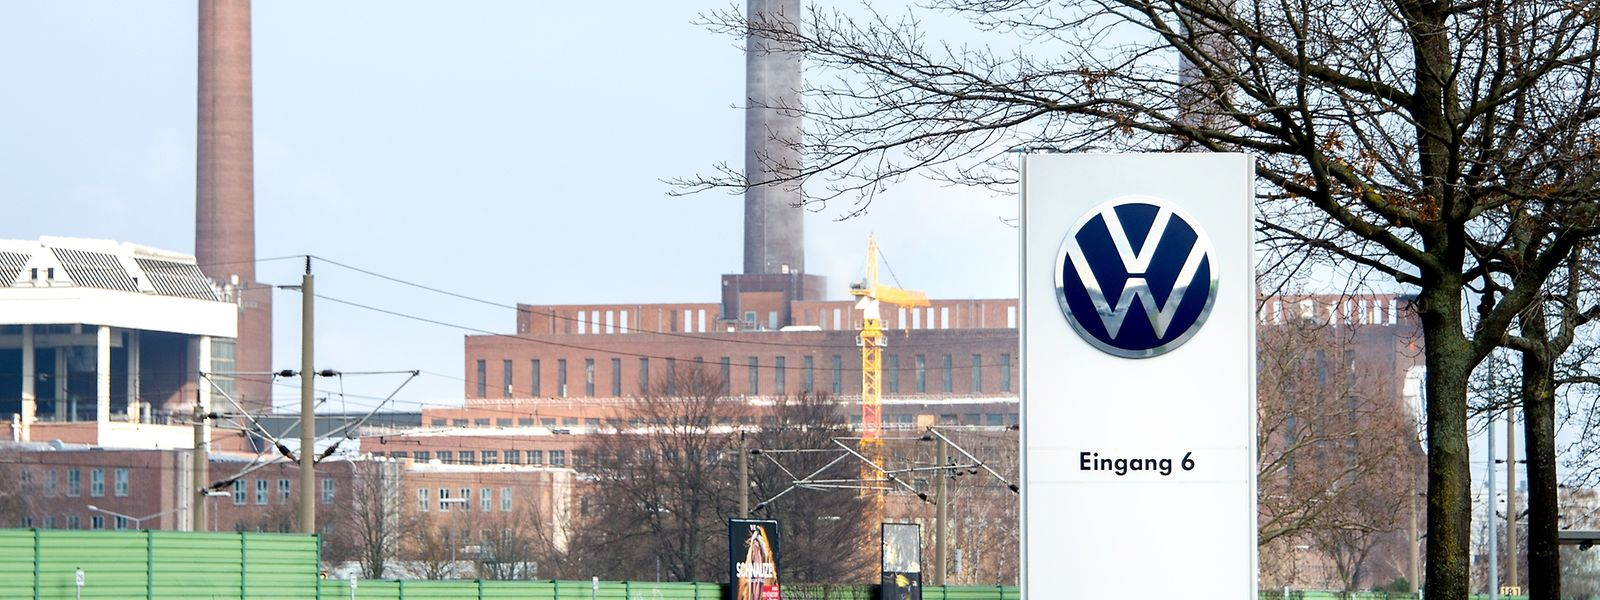 Volkswagen, einer der großen Kunden von Komponentenherstellern im Großherzogtum, legte seine Produktion am Freitag still.